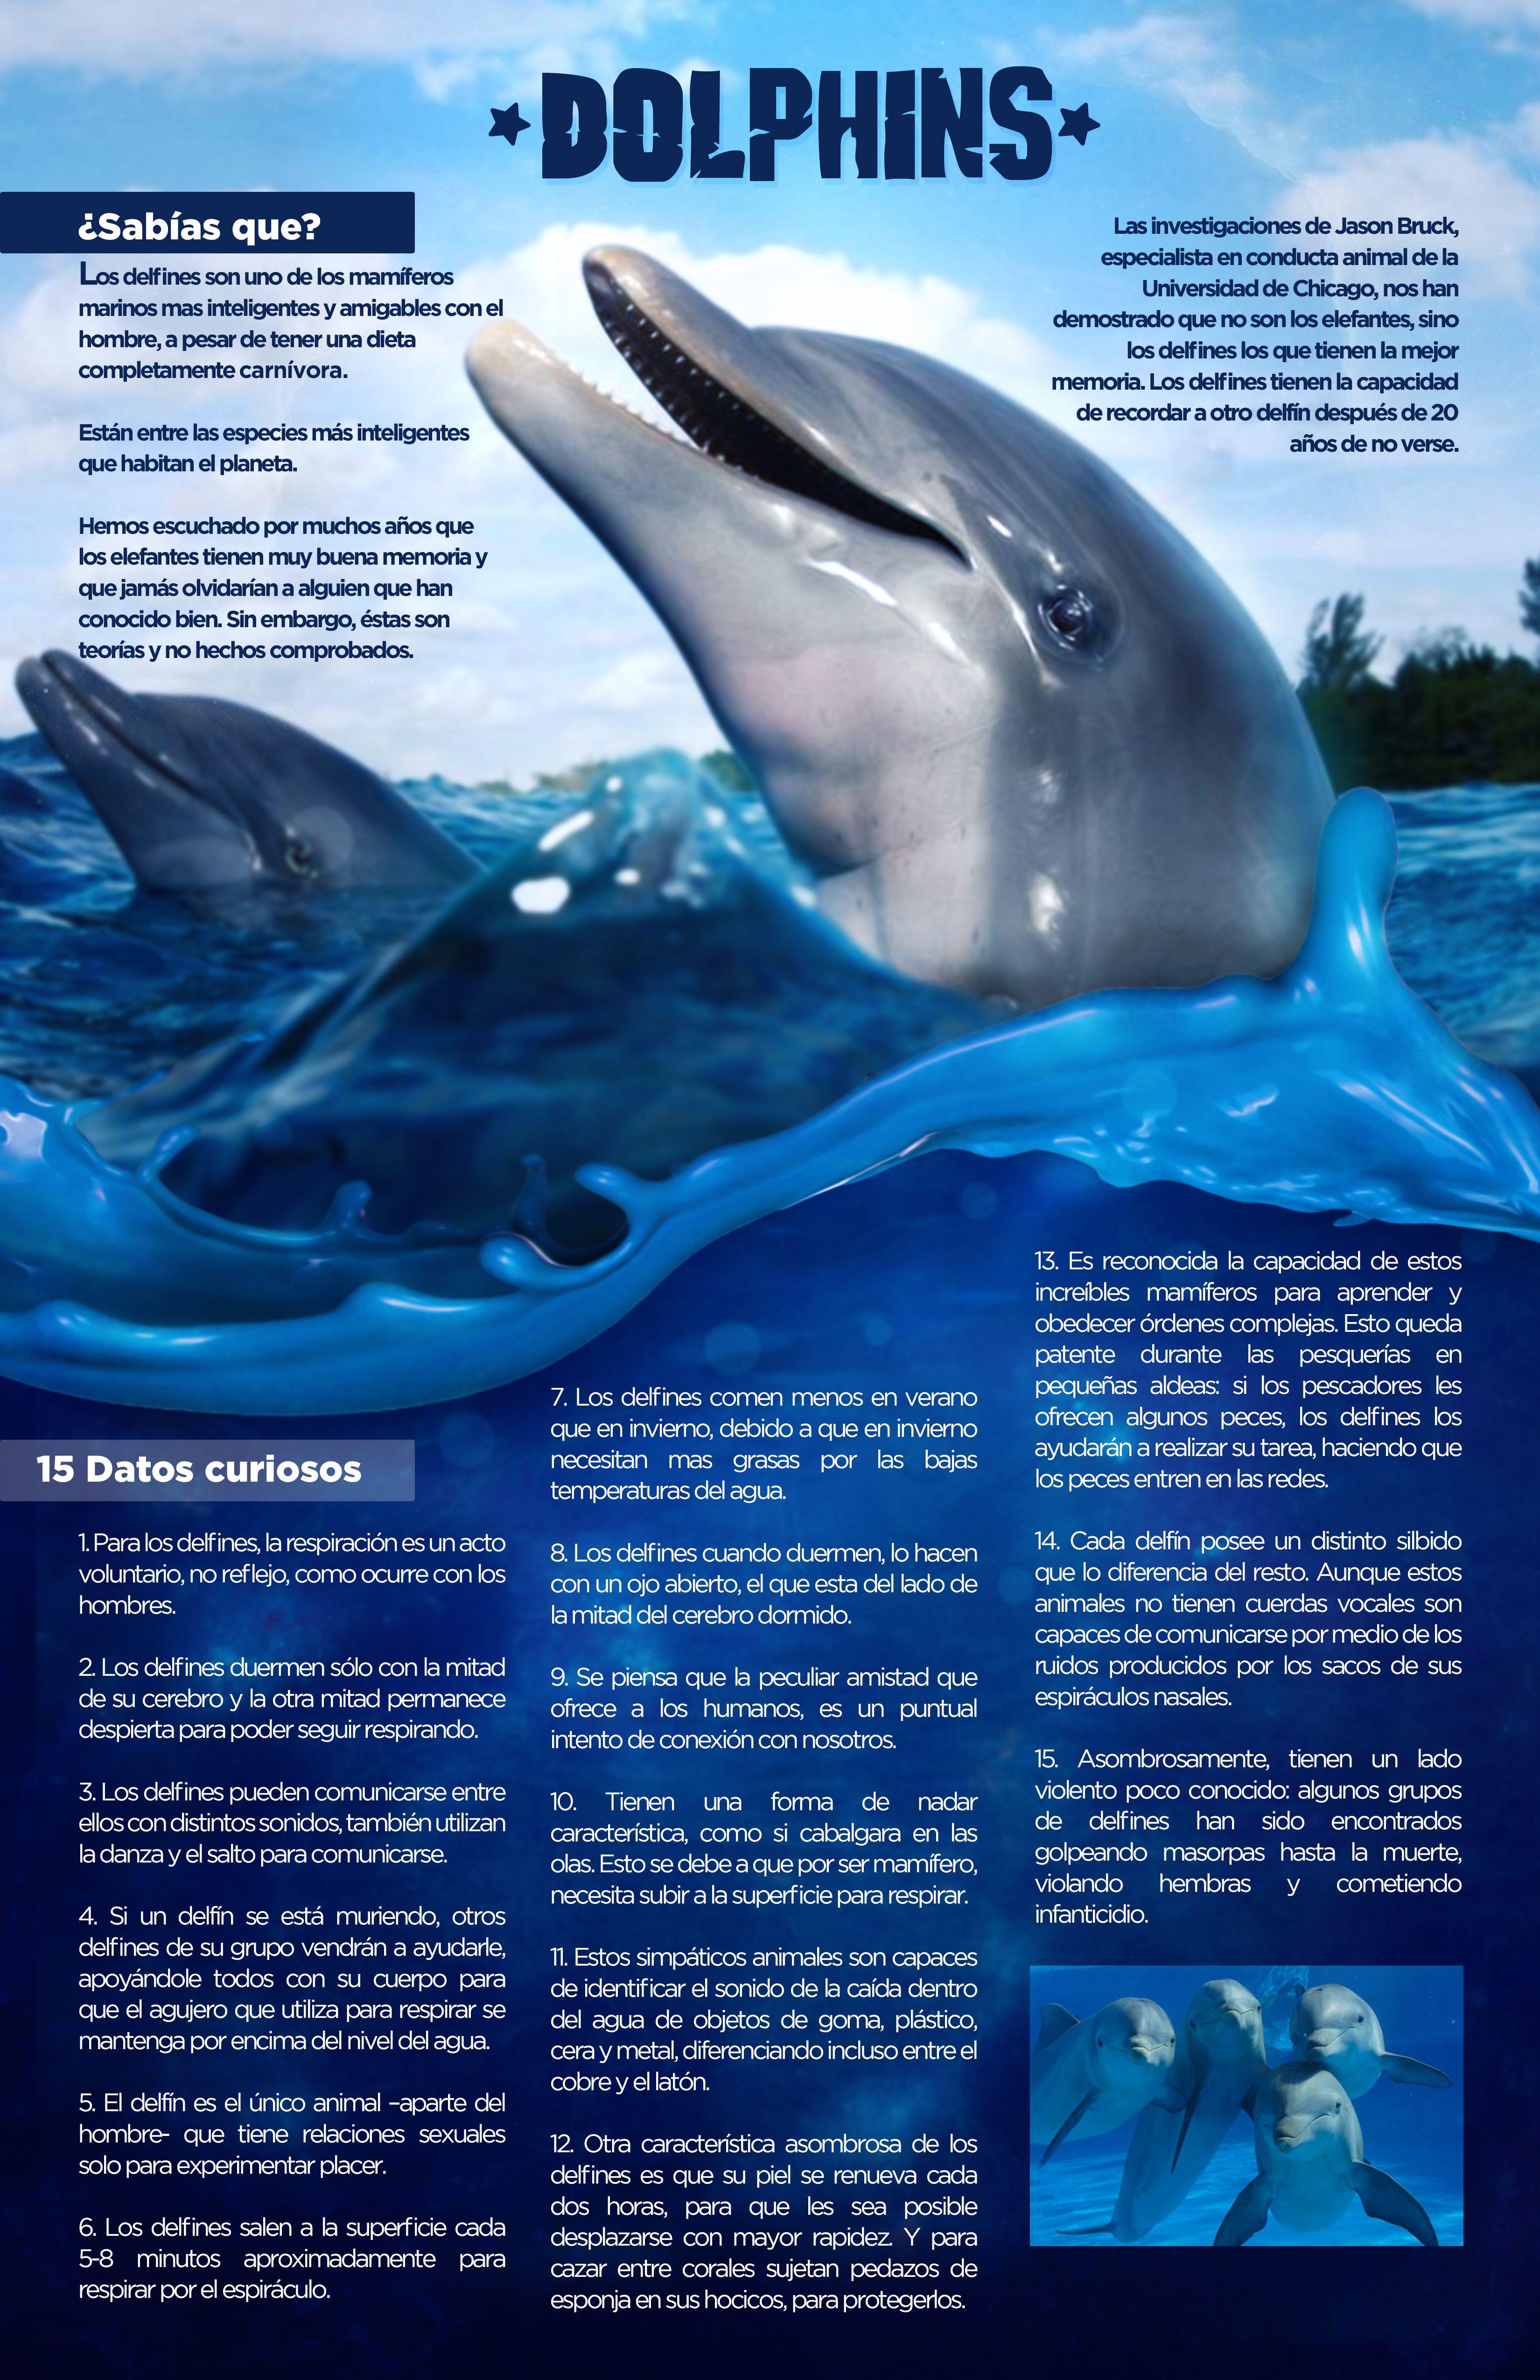 Infografía Delfin   Delfin   Pinterest   Delfines, Infografía y Tierra